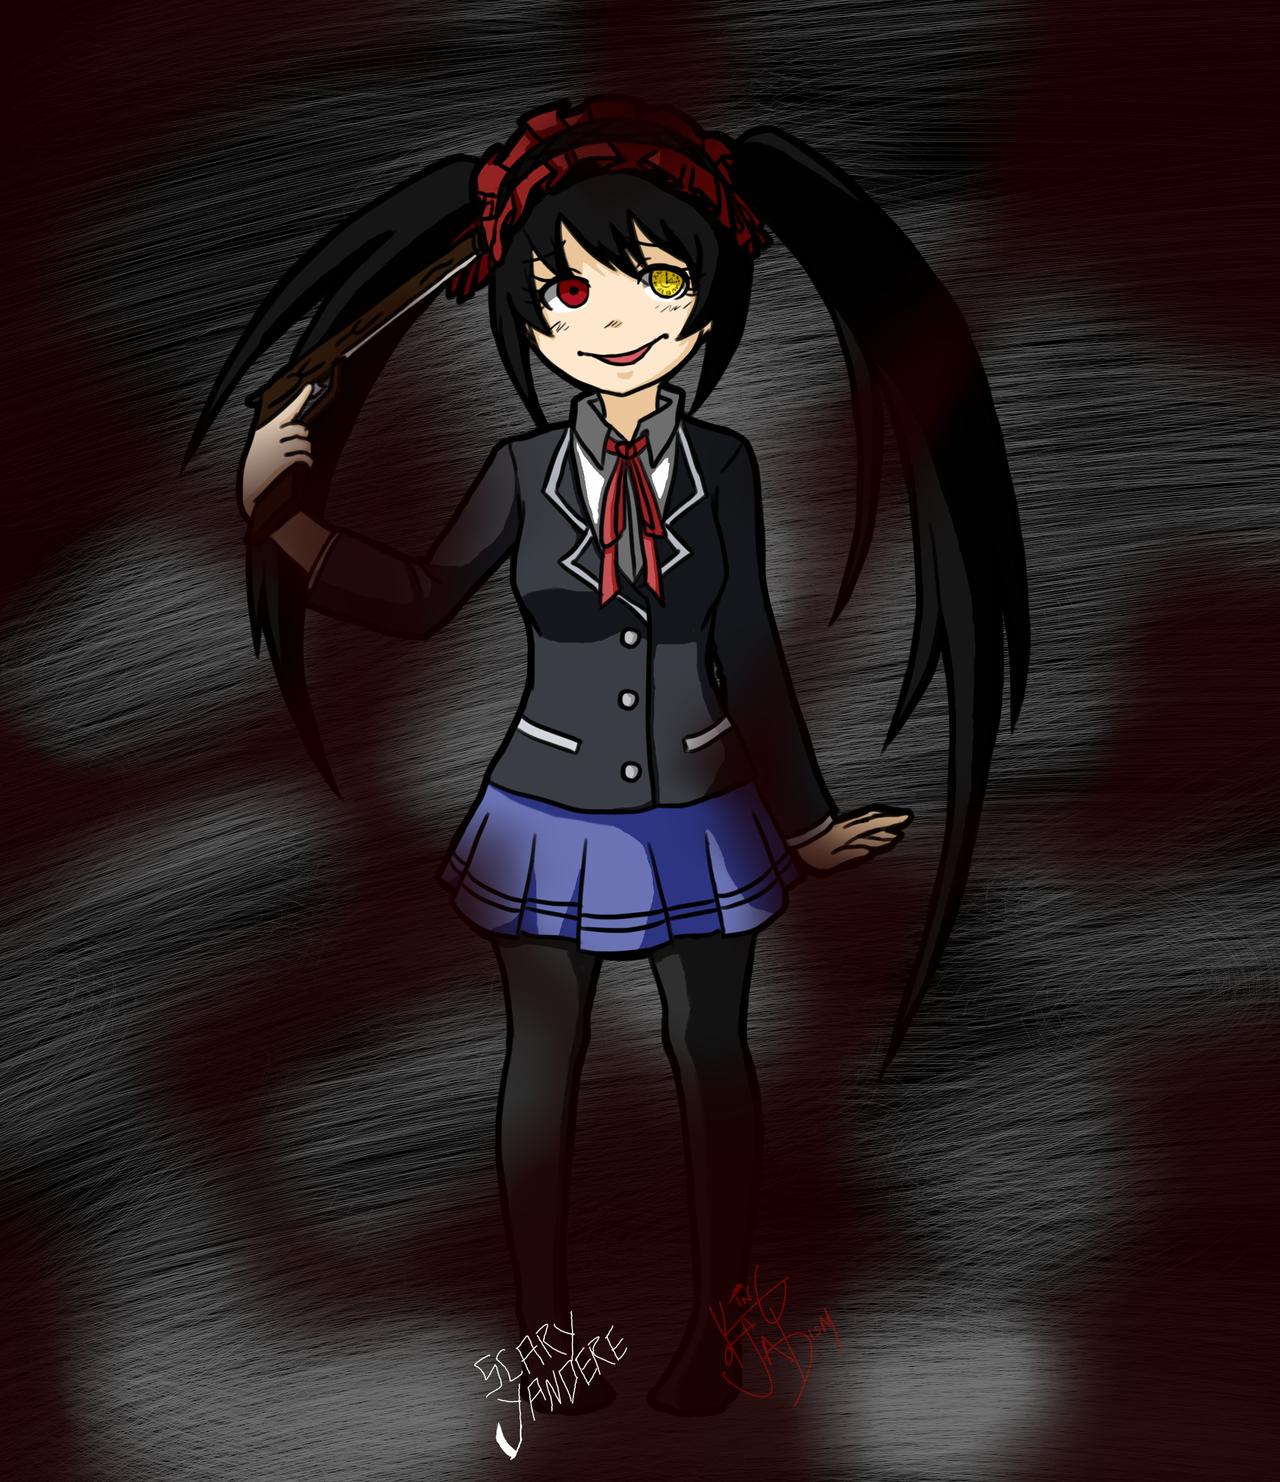 distorted nightmare kurumi tokisaki by scary yandere on distorted nightmare kurumi tokisaki by scary yandere